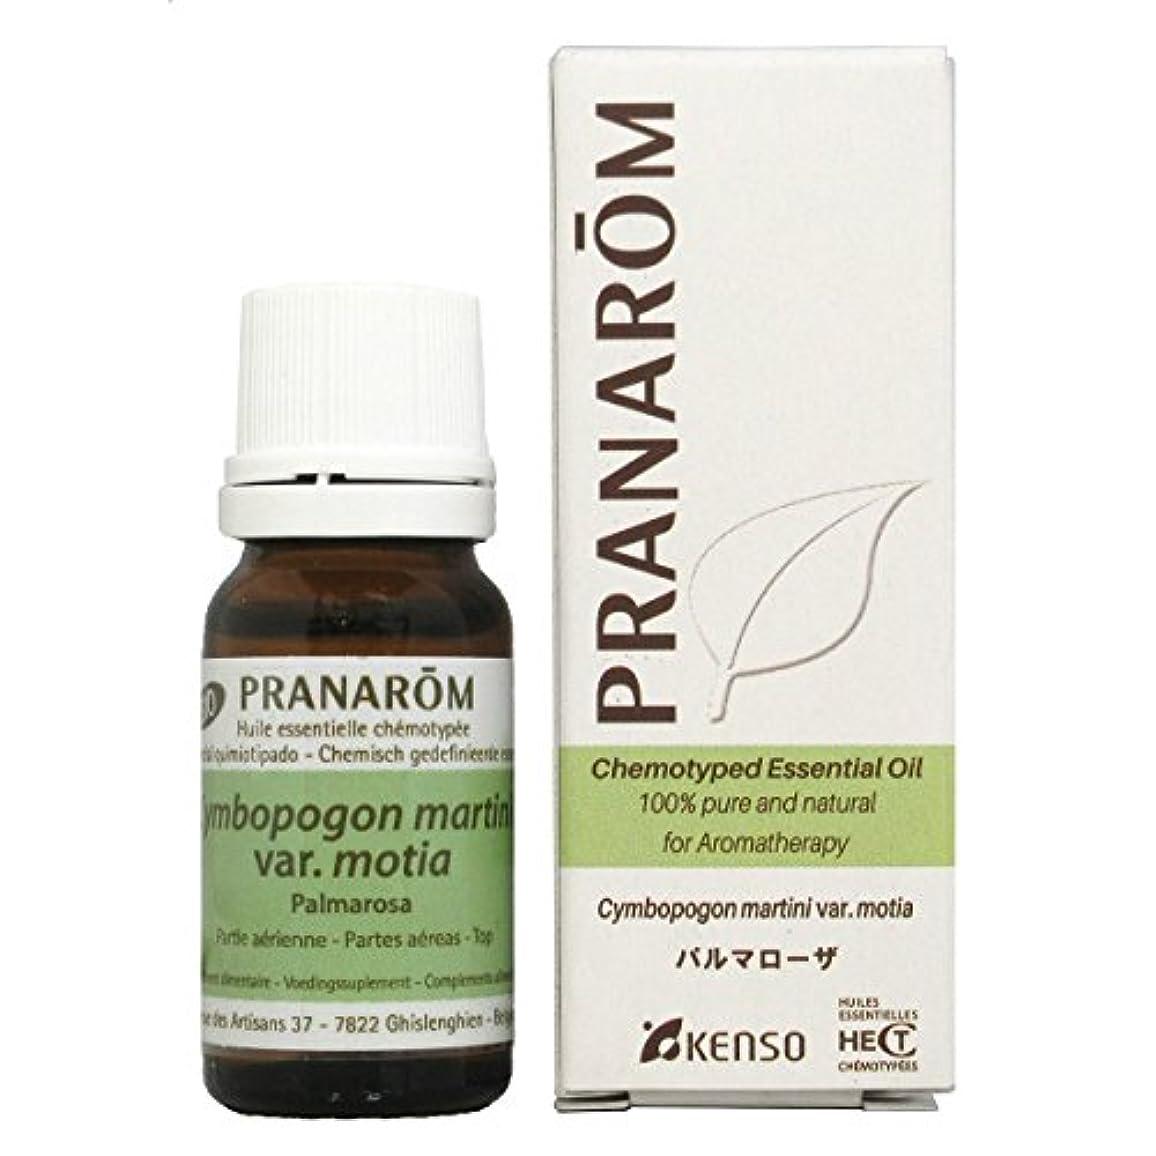 チップ掻く頼る【パルマローザ 10ml】→バラに似たフローラルな香り?(リラックスハーブ系)[PRANAROM(プラナロム)精油/アロマオイル/エッセンシャルオイル]P-59